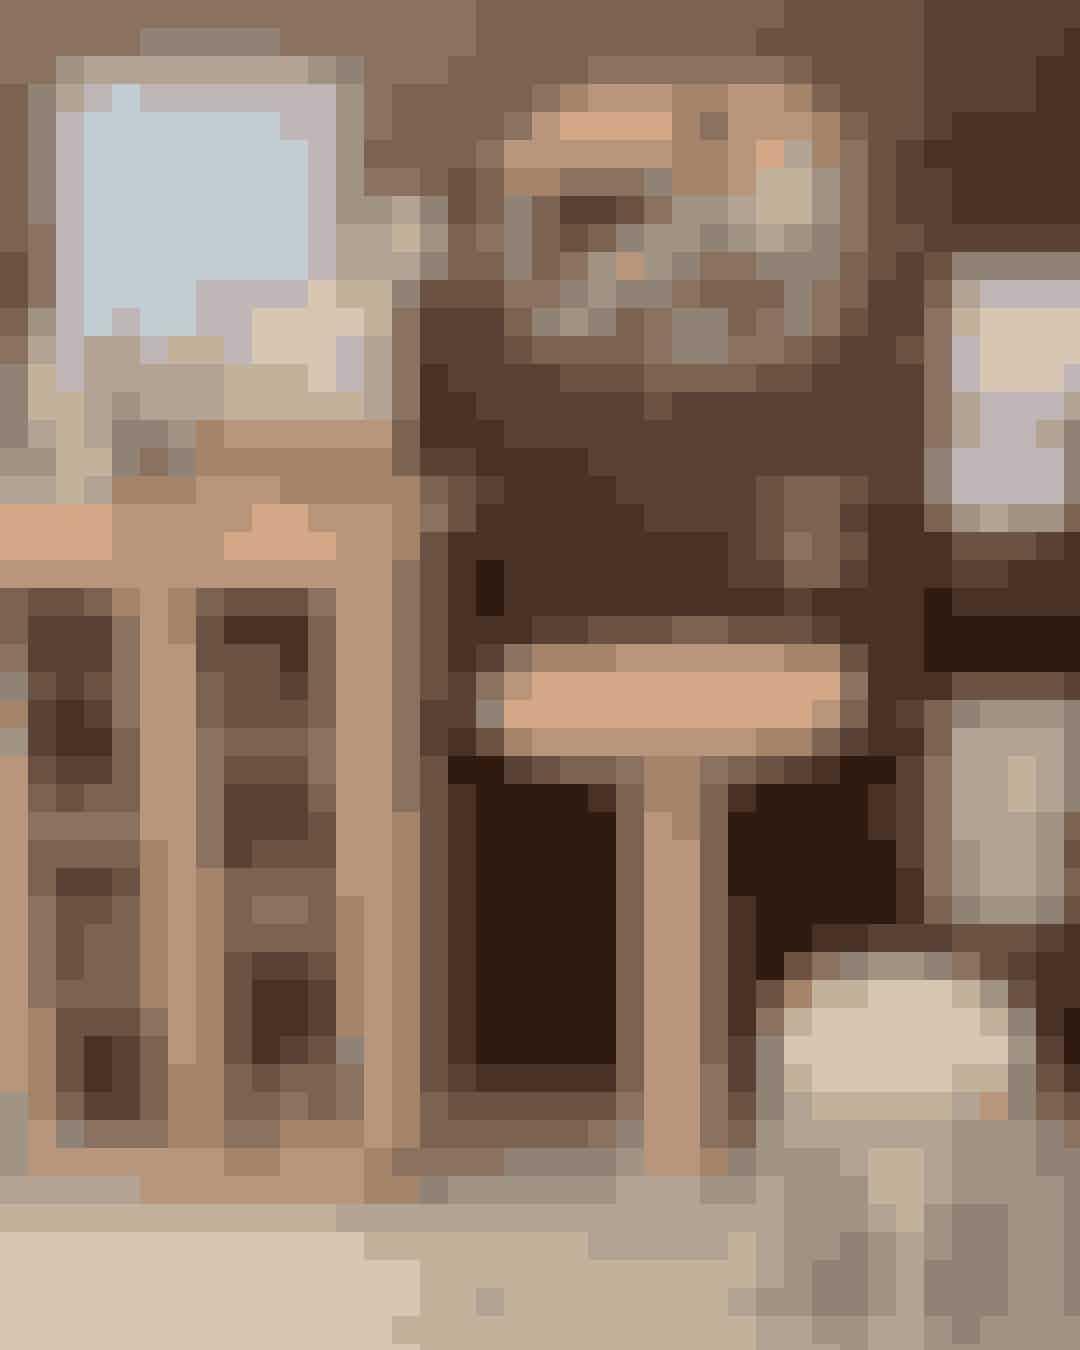 Boho HabitsHos Boho Habits træder du ind i et eventyrligt univers hvor alt fra marrokanske tæpper, antikke brugsvarer, patinerede møbler, og meget mere pryder hylderne og det kribler i fingrene for at få lov til at tage det hele med hjem. En fin, lille interiørforretning, der også tilbyder kyndige råd og vejledning, hvis du har brug nogle gode indretningstips.Hvor: Tullinsgade 3, 1618 København V.